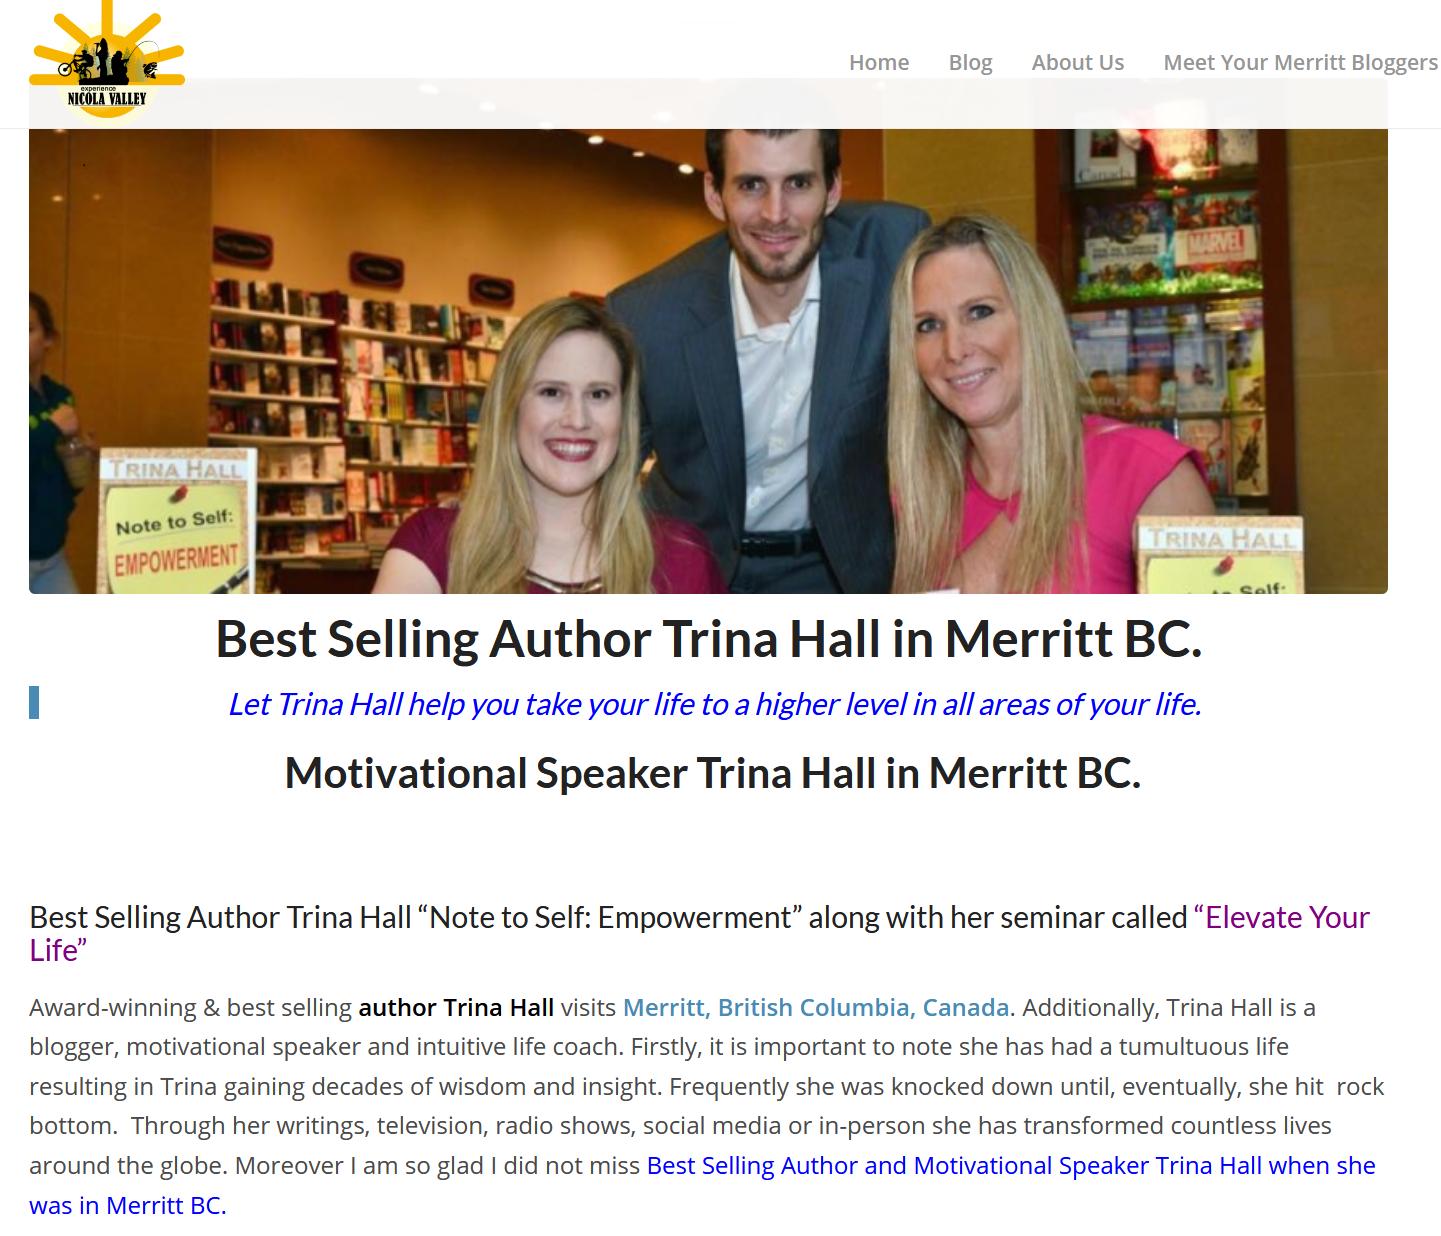 Motivational Speaker & Best Selling Author Trina Hall in Merritt BC